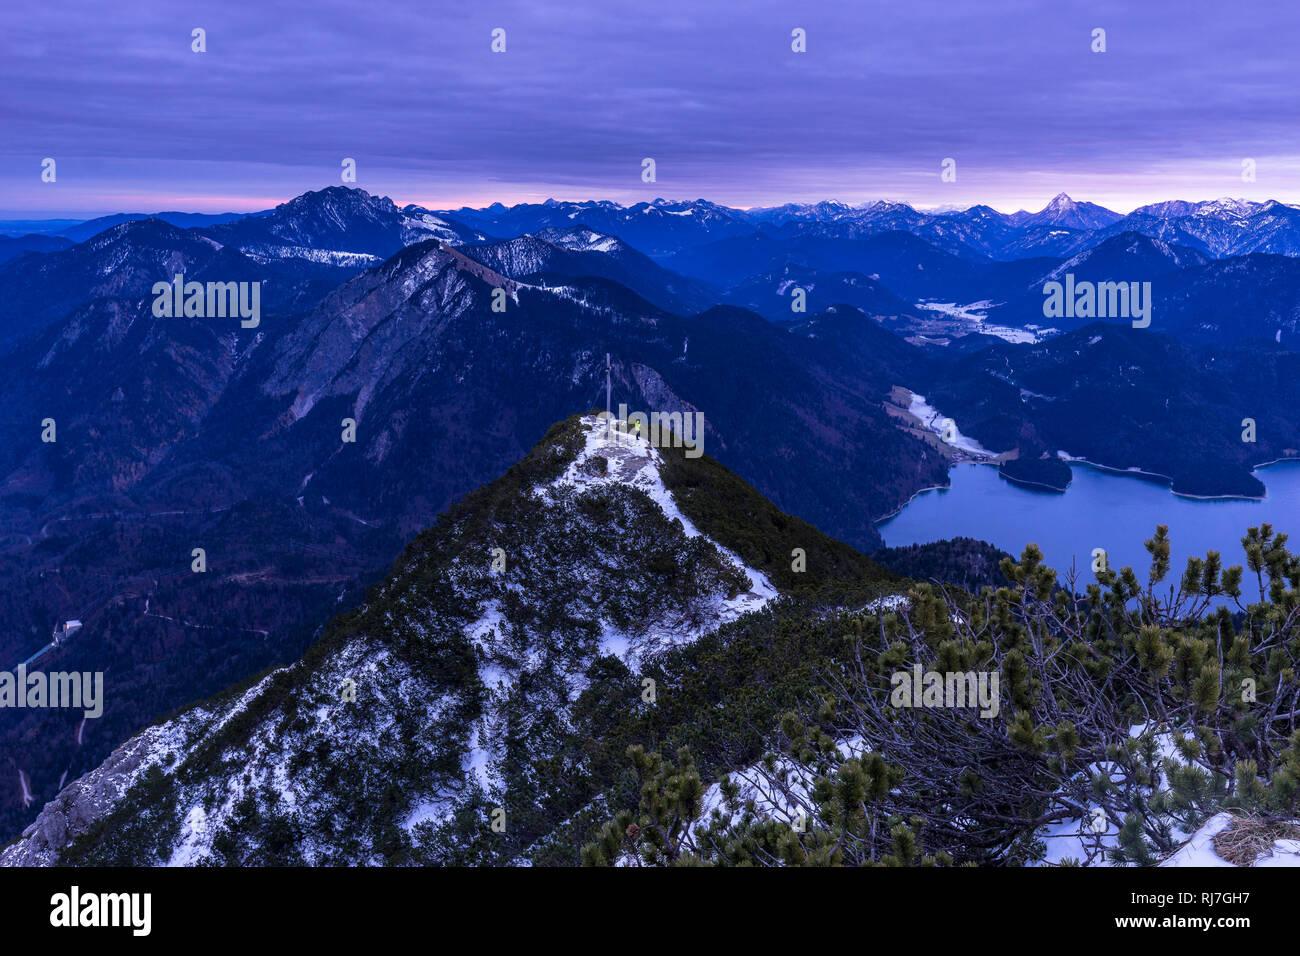 Deutschland, Bayern, Bayerische Alpen, Walchensee, Wanderer am Herzogstandgipfel vor Bergpanorama im Winter Stock Photo